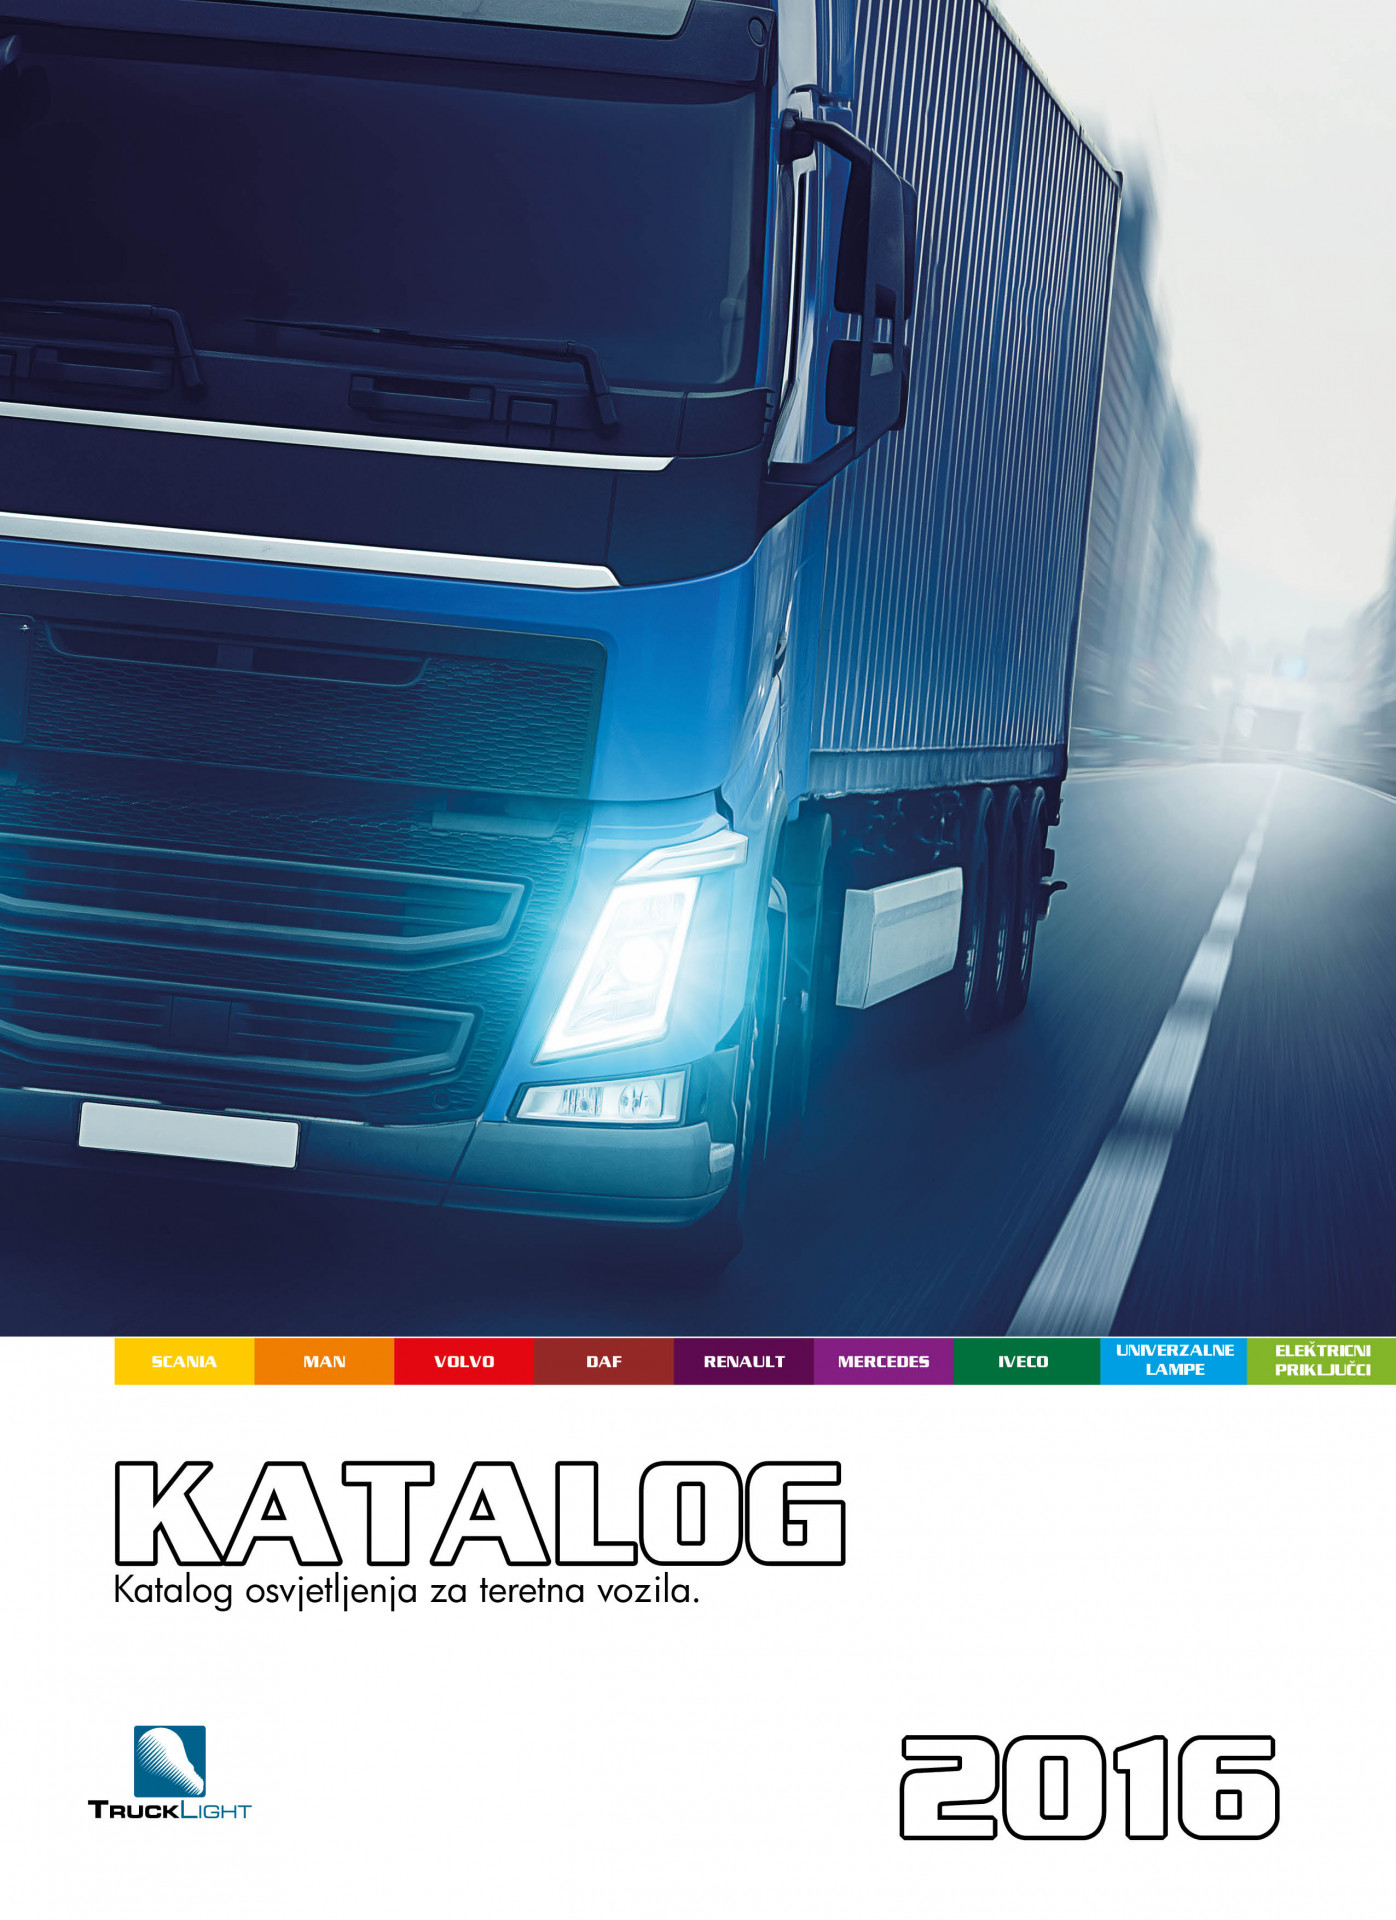 trucklight.jpg